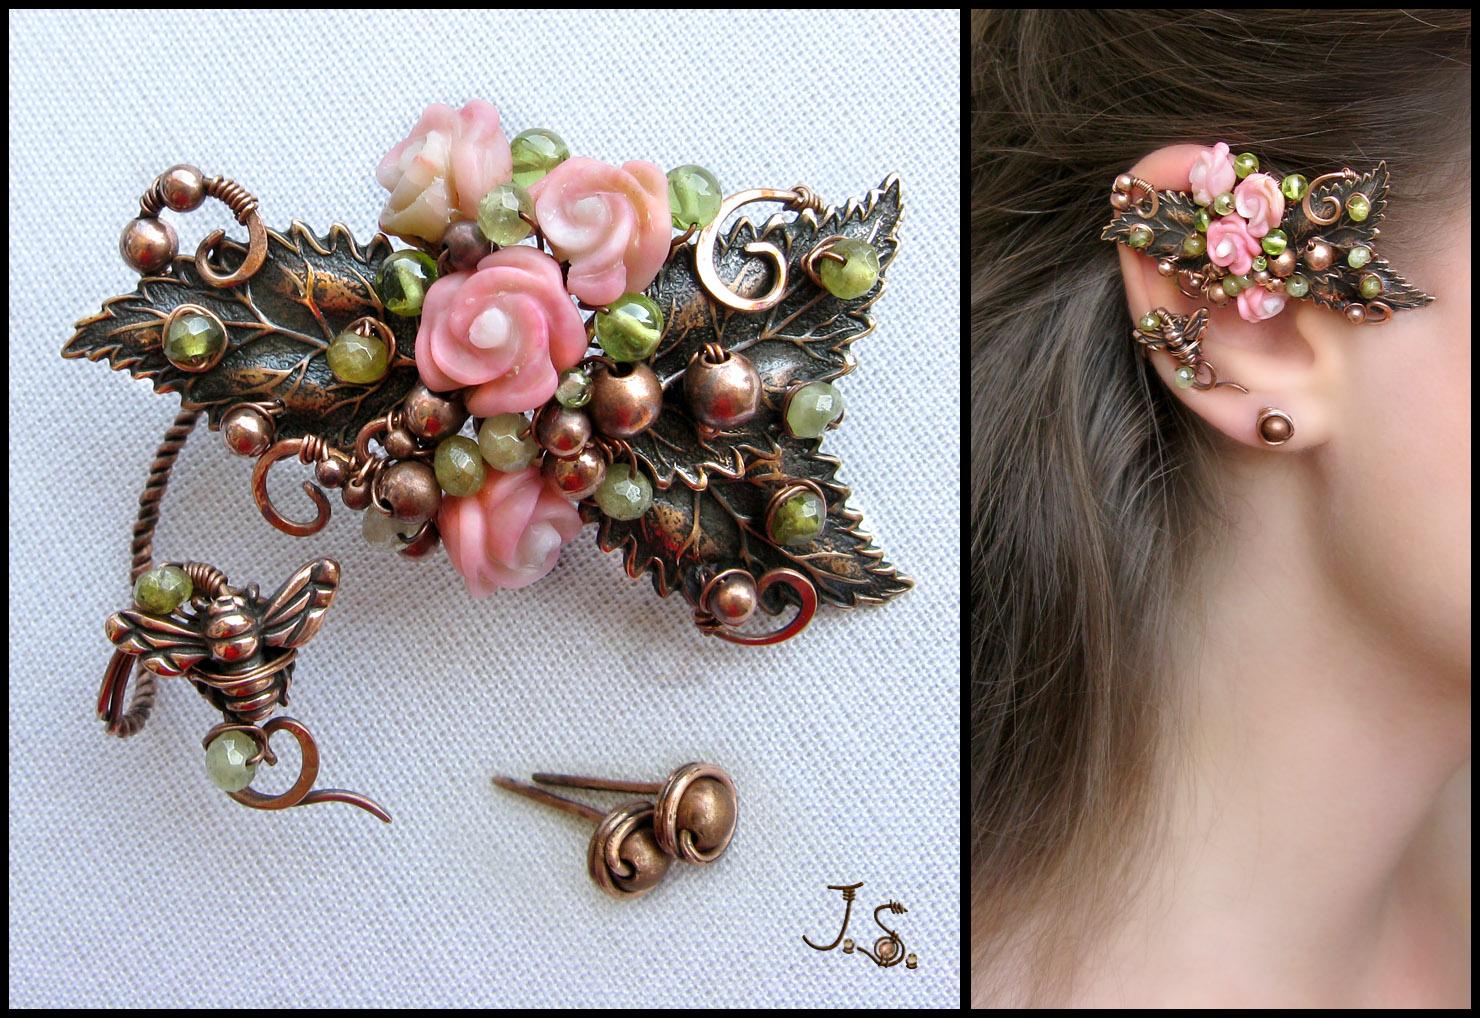 Flight of the bumblebee ear wrap by JSjewelry